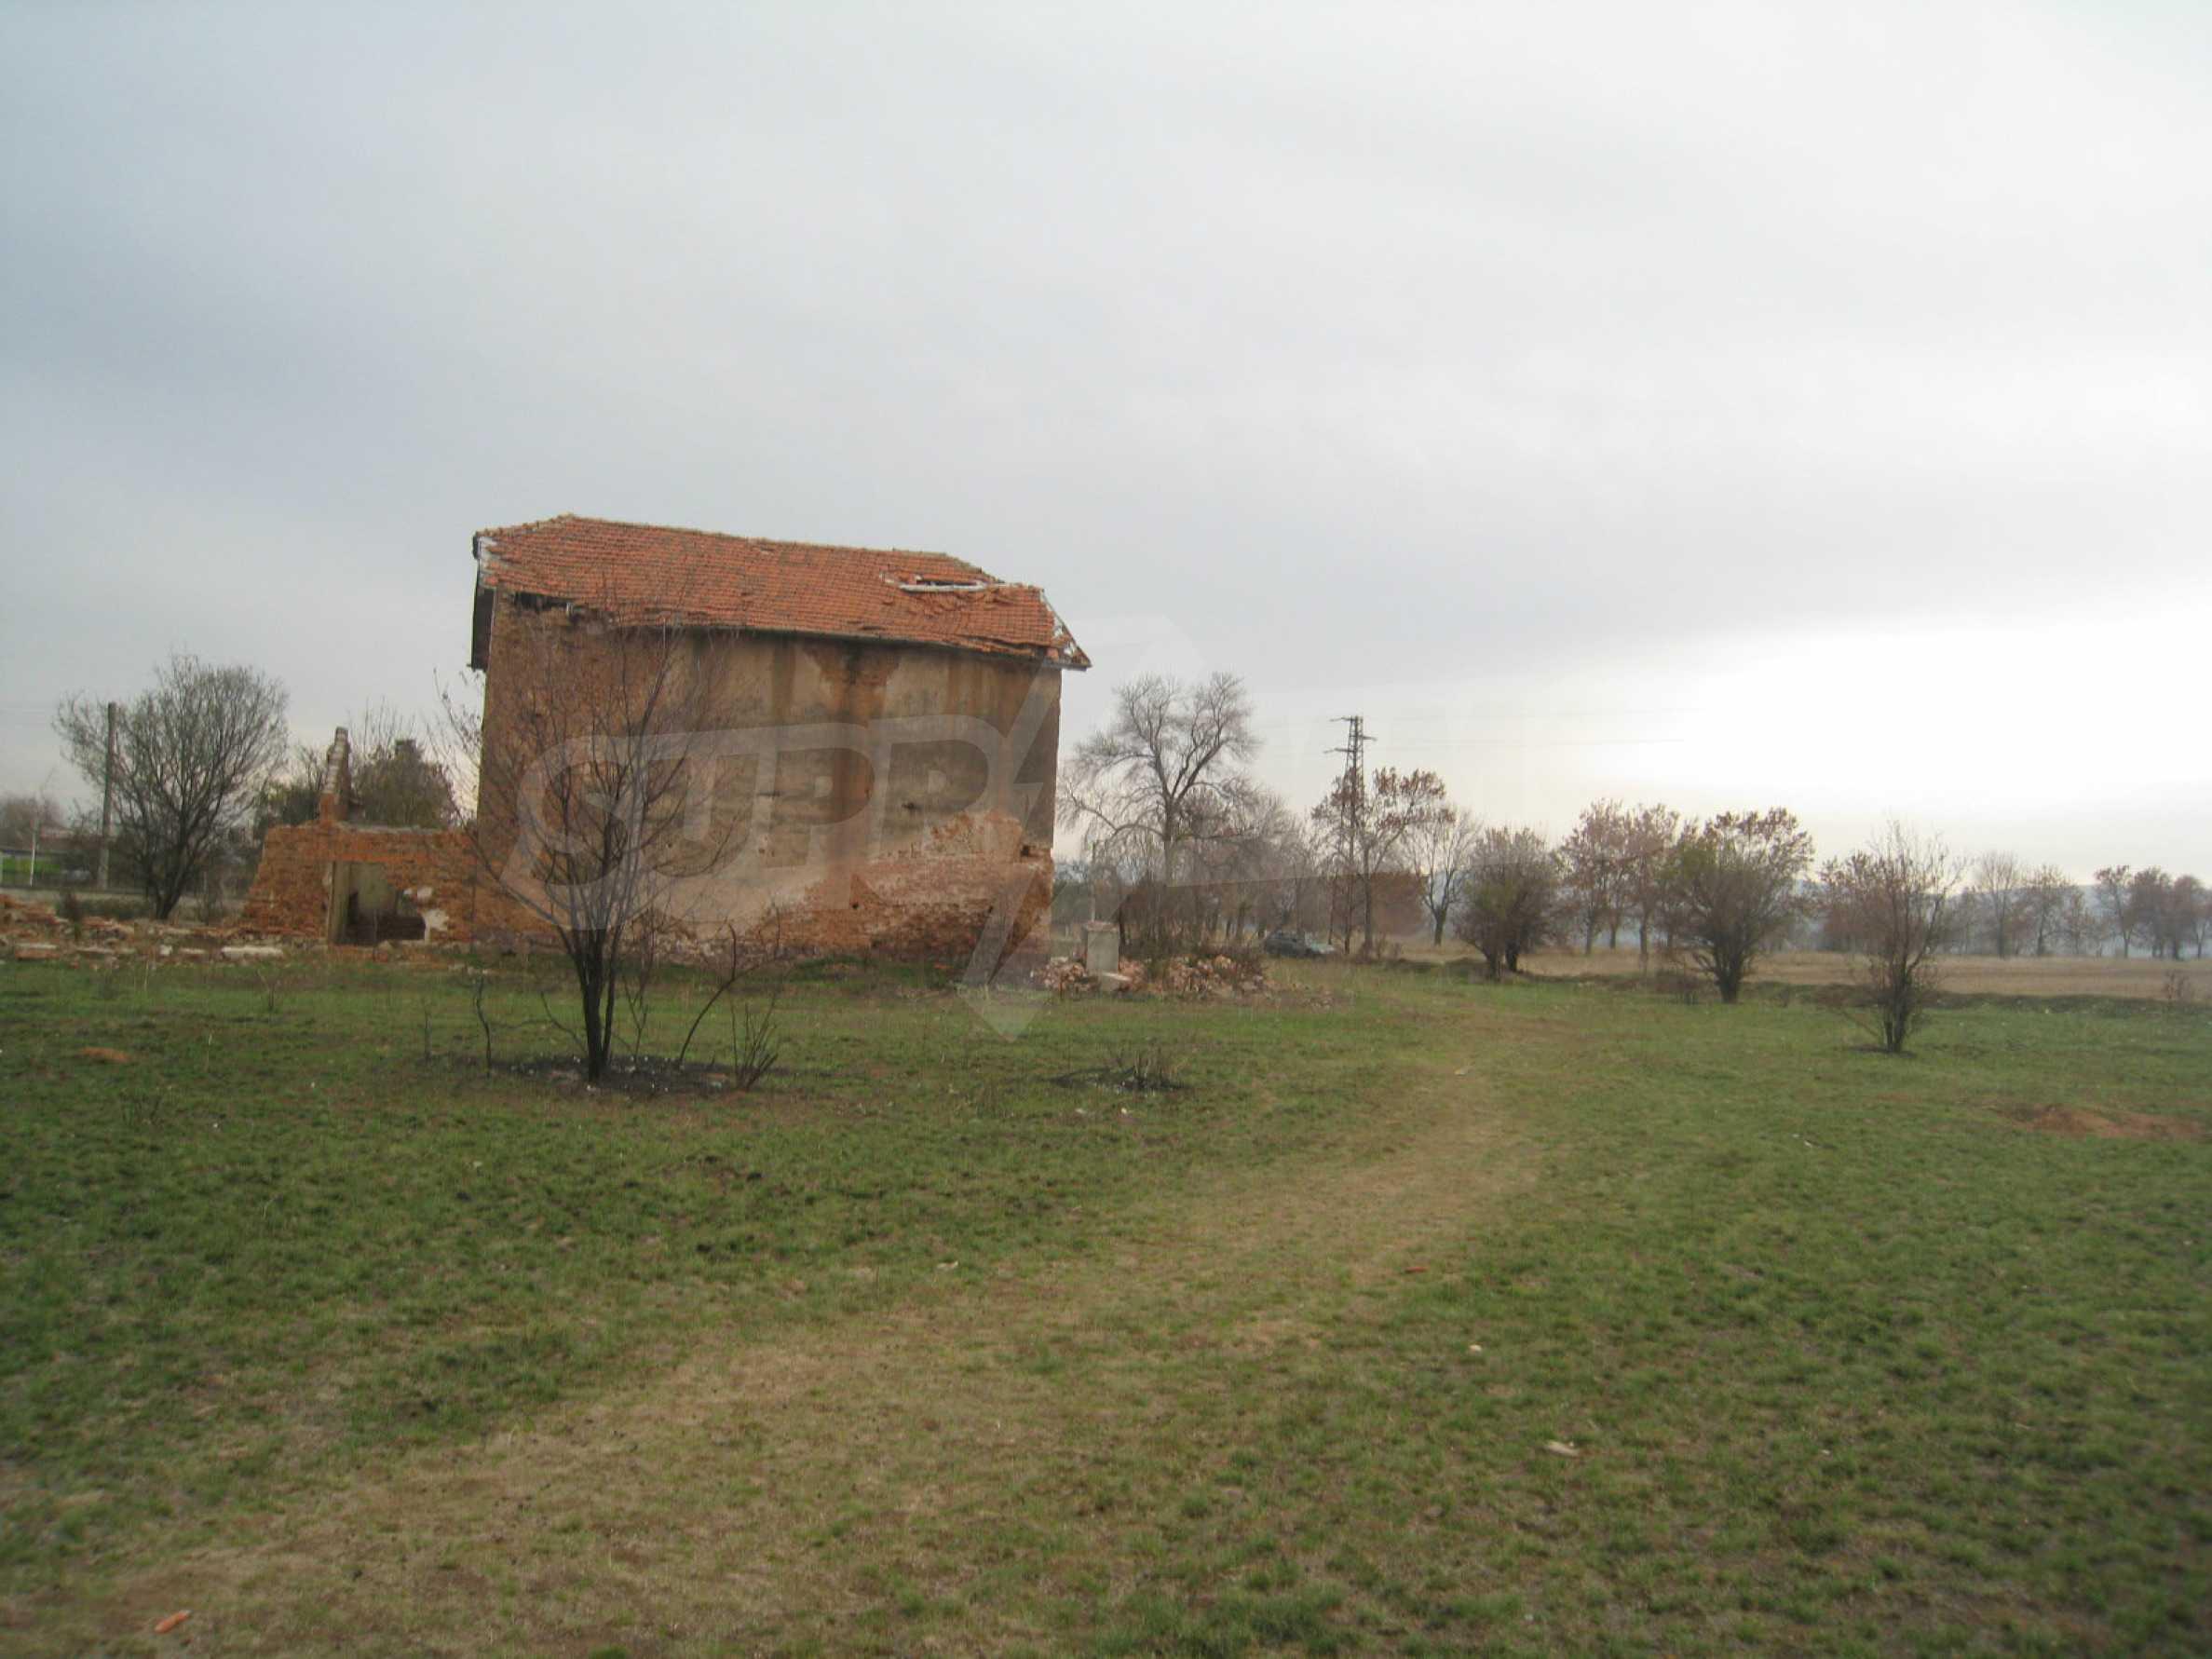 Solides dreistöckiges Gebäude (ehemalige Mühle) mit Hof in der Nähe von Elin Pelin 15